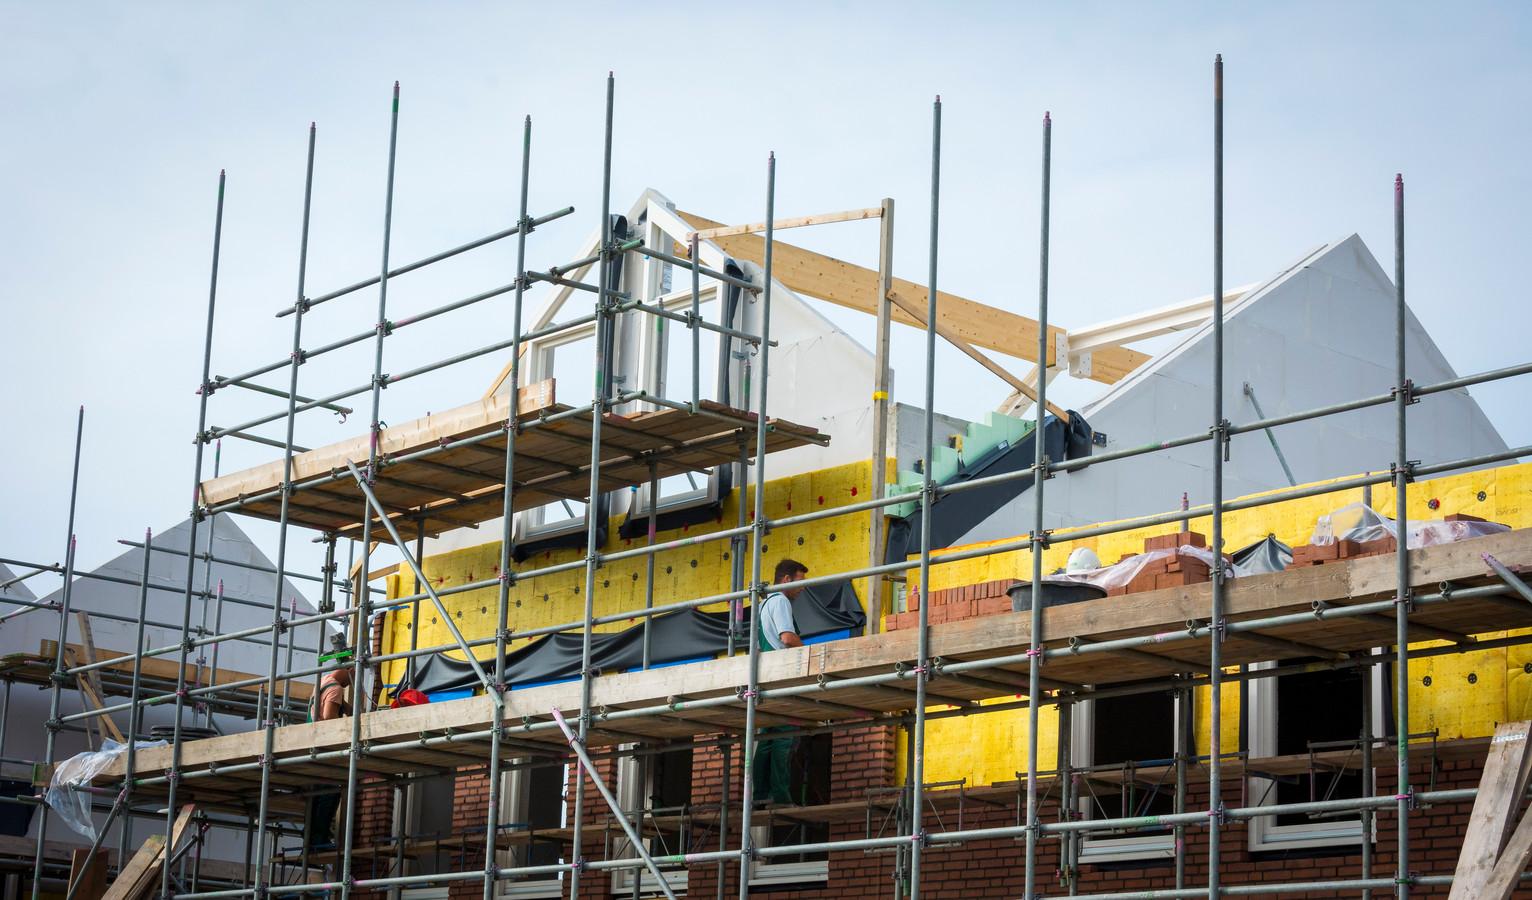 Bestaande projecten gaan door, maar de plannen voor nieuwbouw zijn stilgelegd vanwege de stikstofproblemen in Nederland.